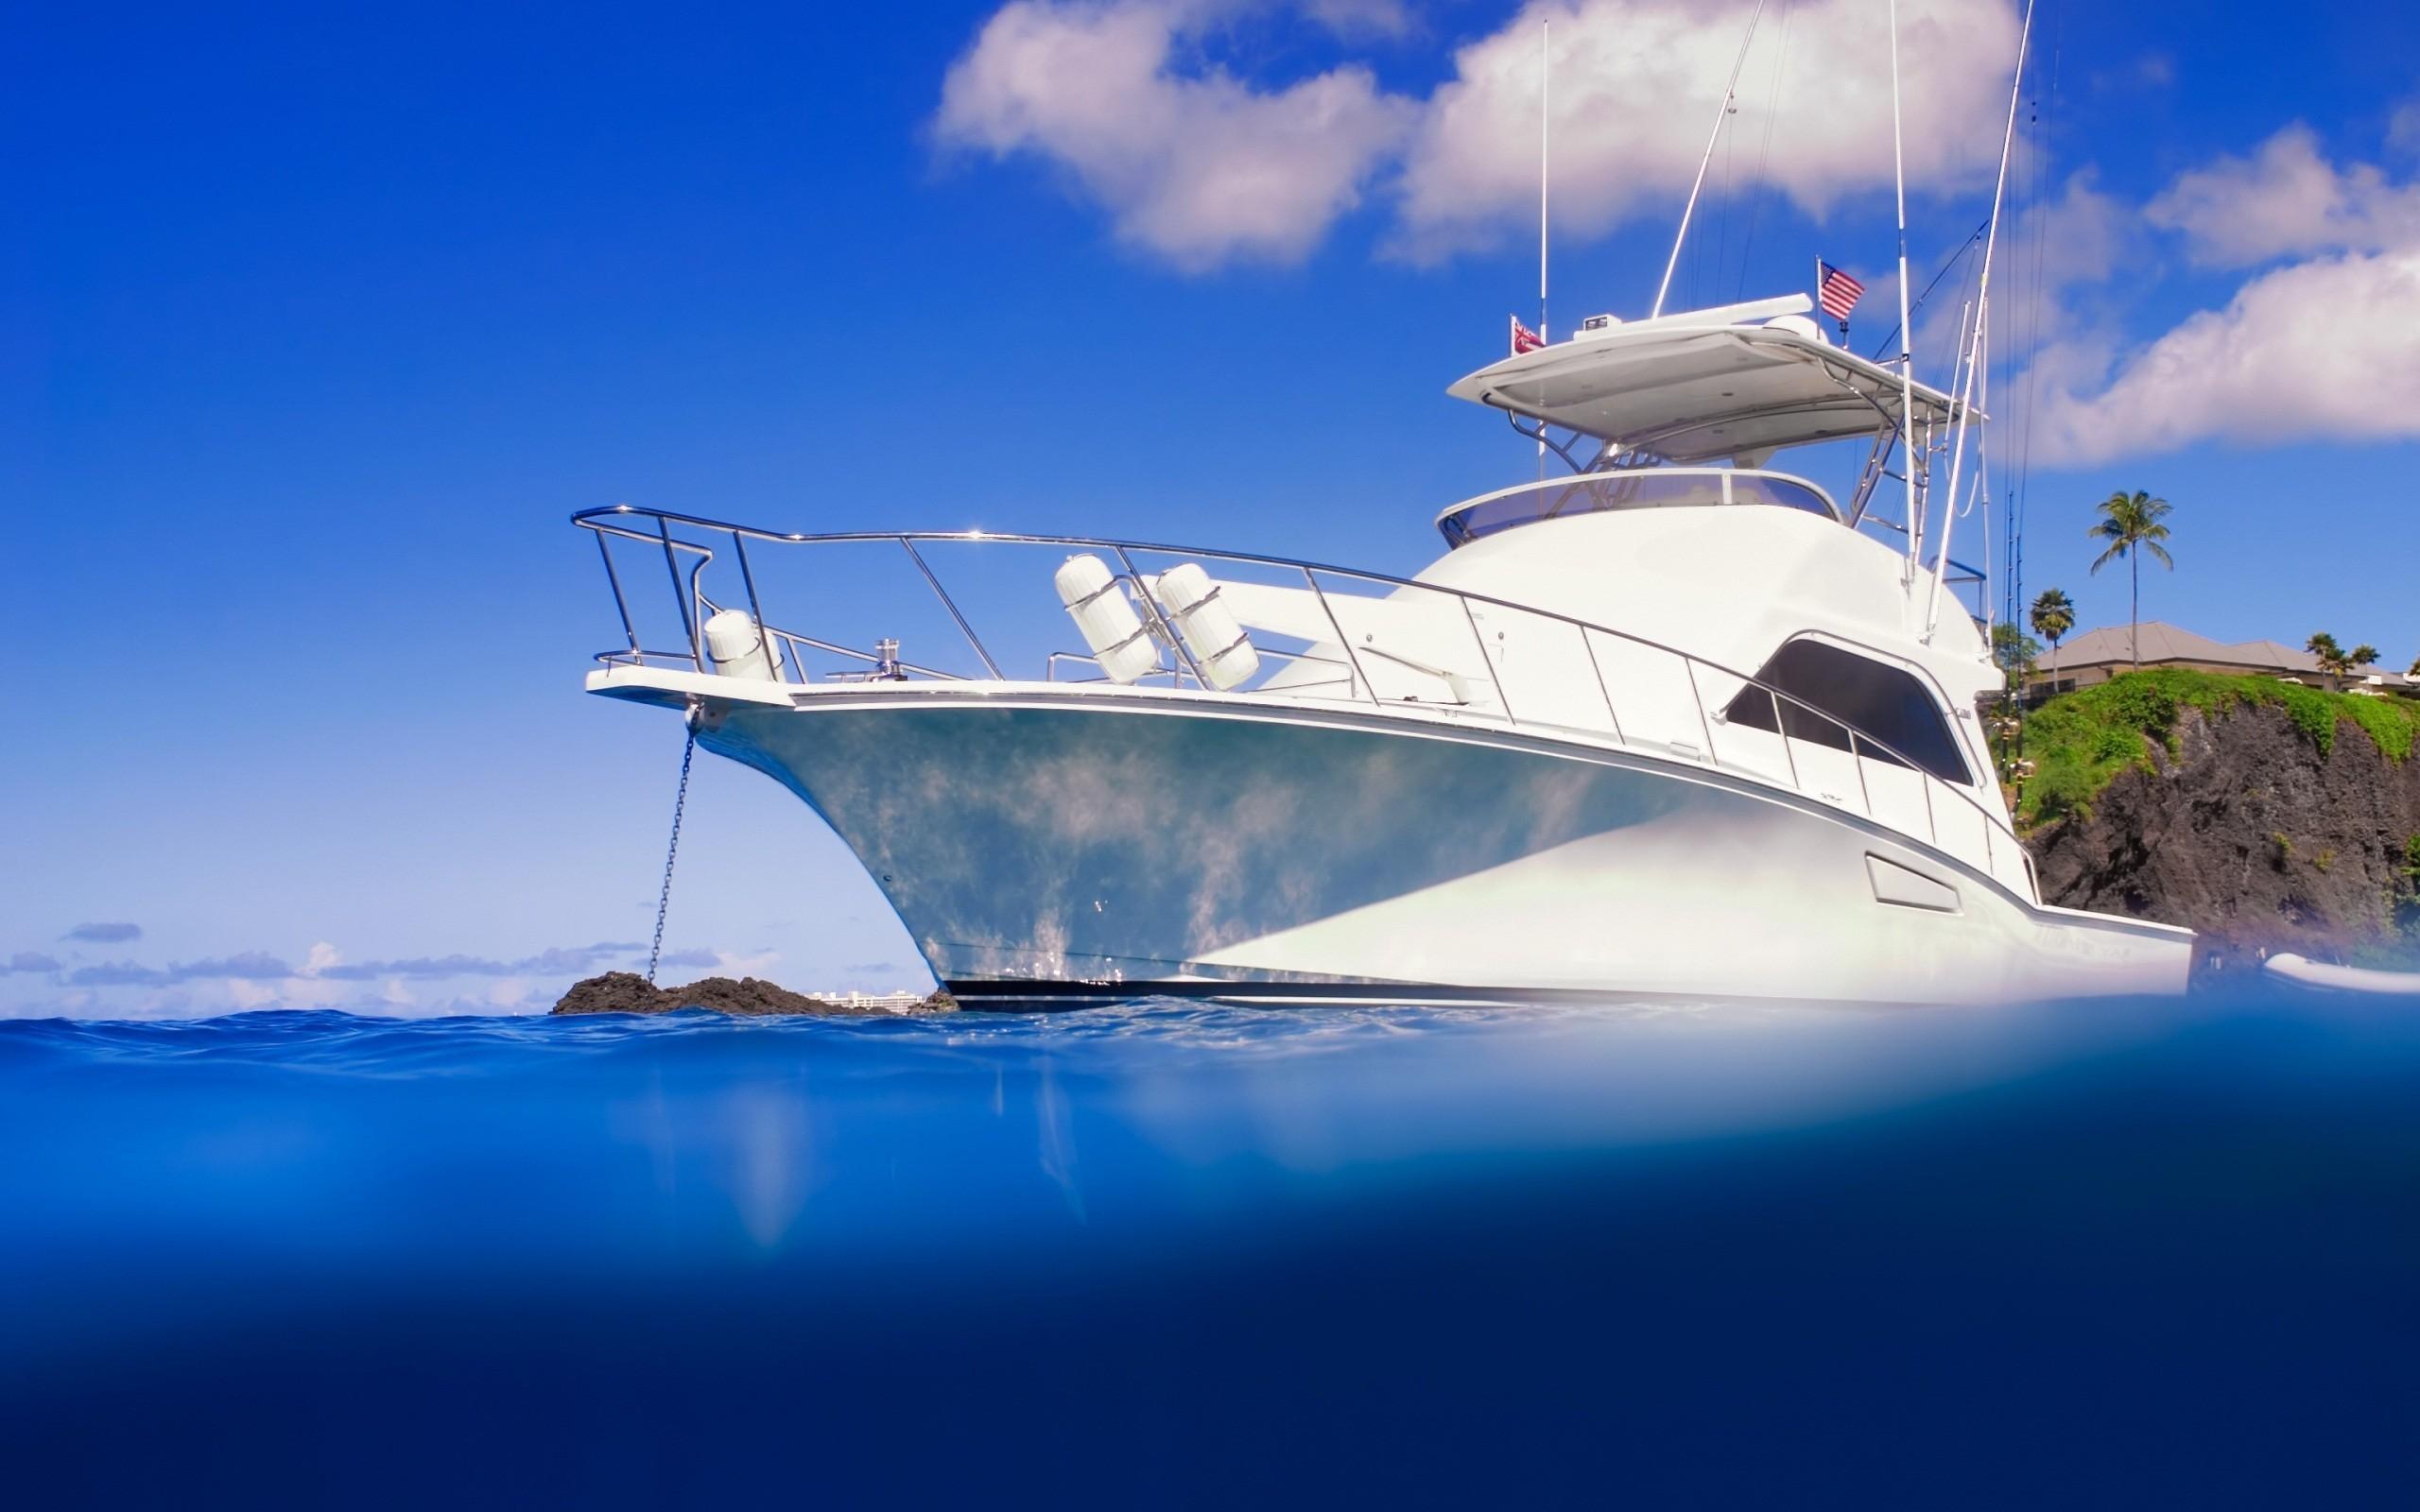 42909 Заставки и Обои Яхты на телефон. Скачать Транспорт, Яхты картинки бесплатно